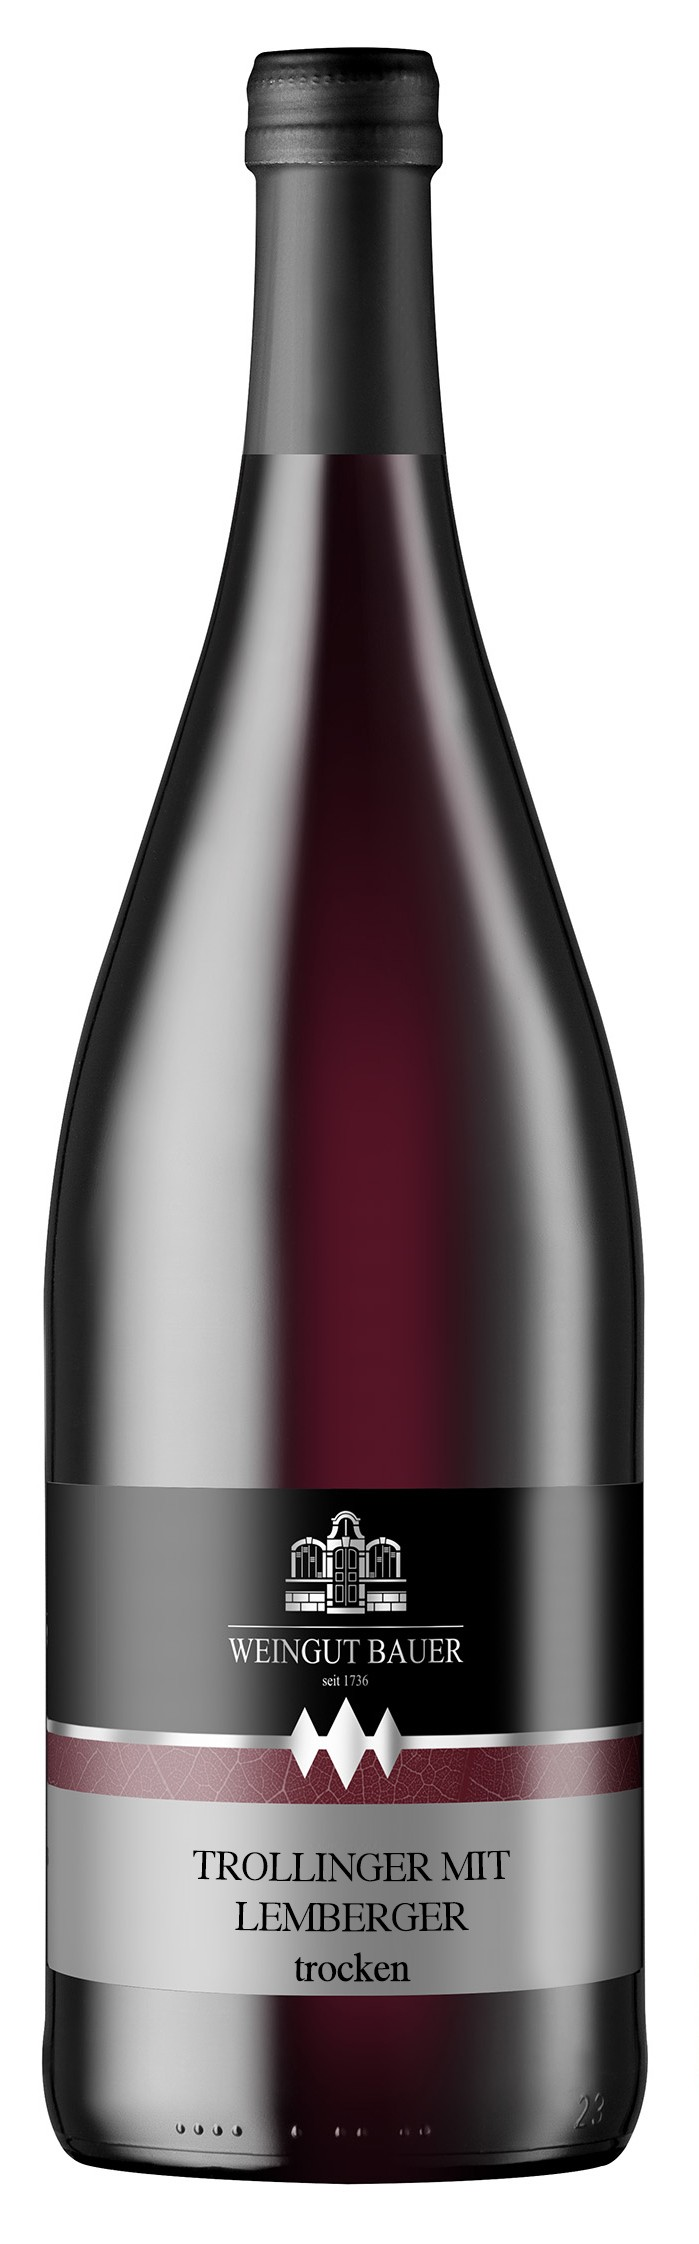 2015 Trollinger mit Lemberger Qualitätswein trocken 1000ml